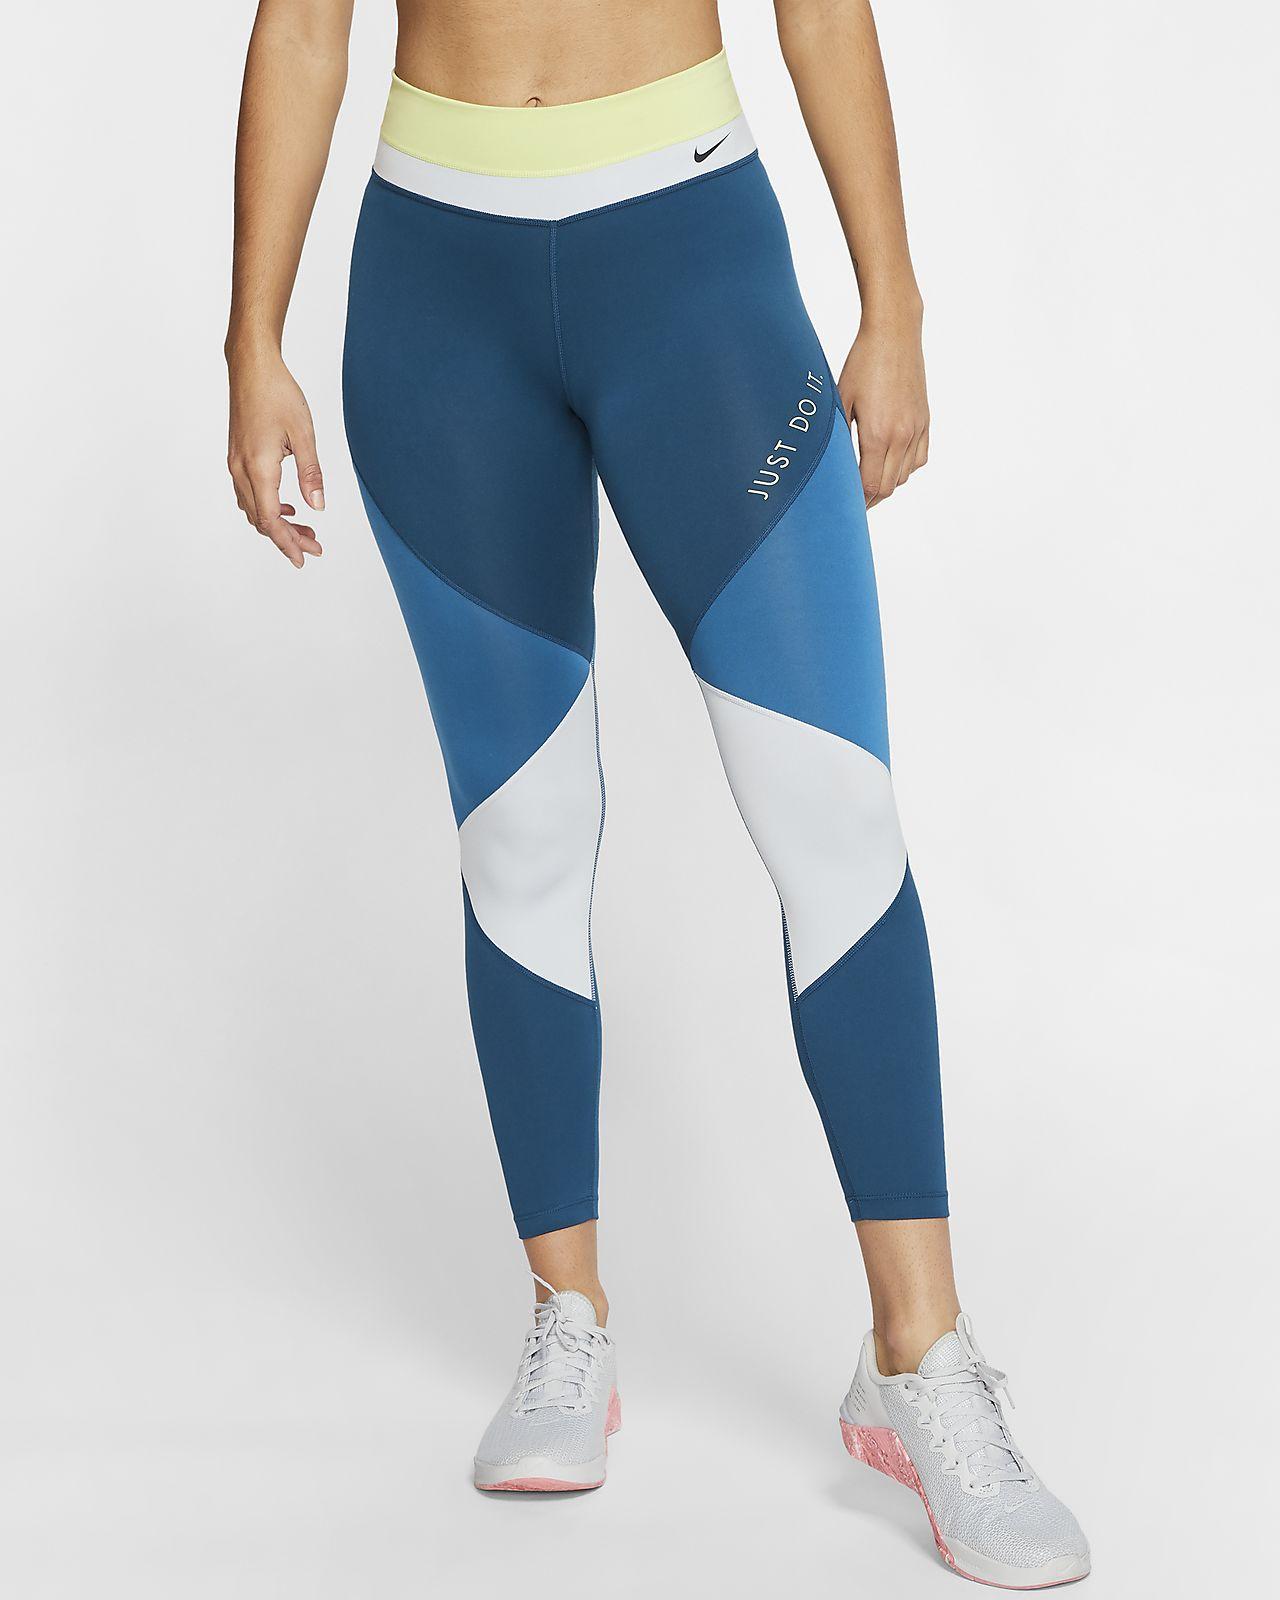 กางเกงรัดรูปผู้หญิง 7 ส่วน Nike One